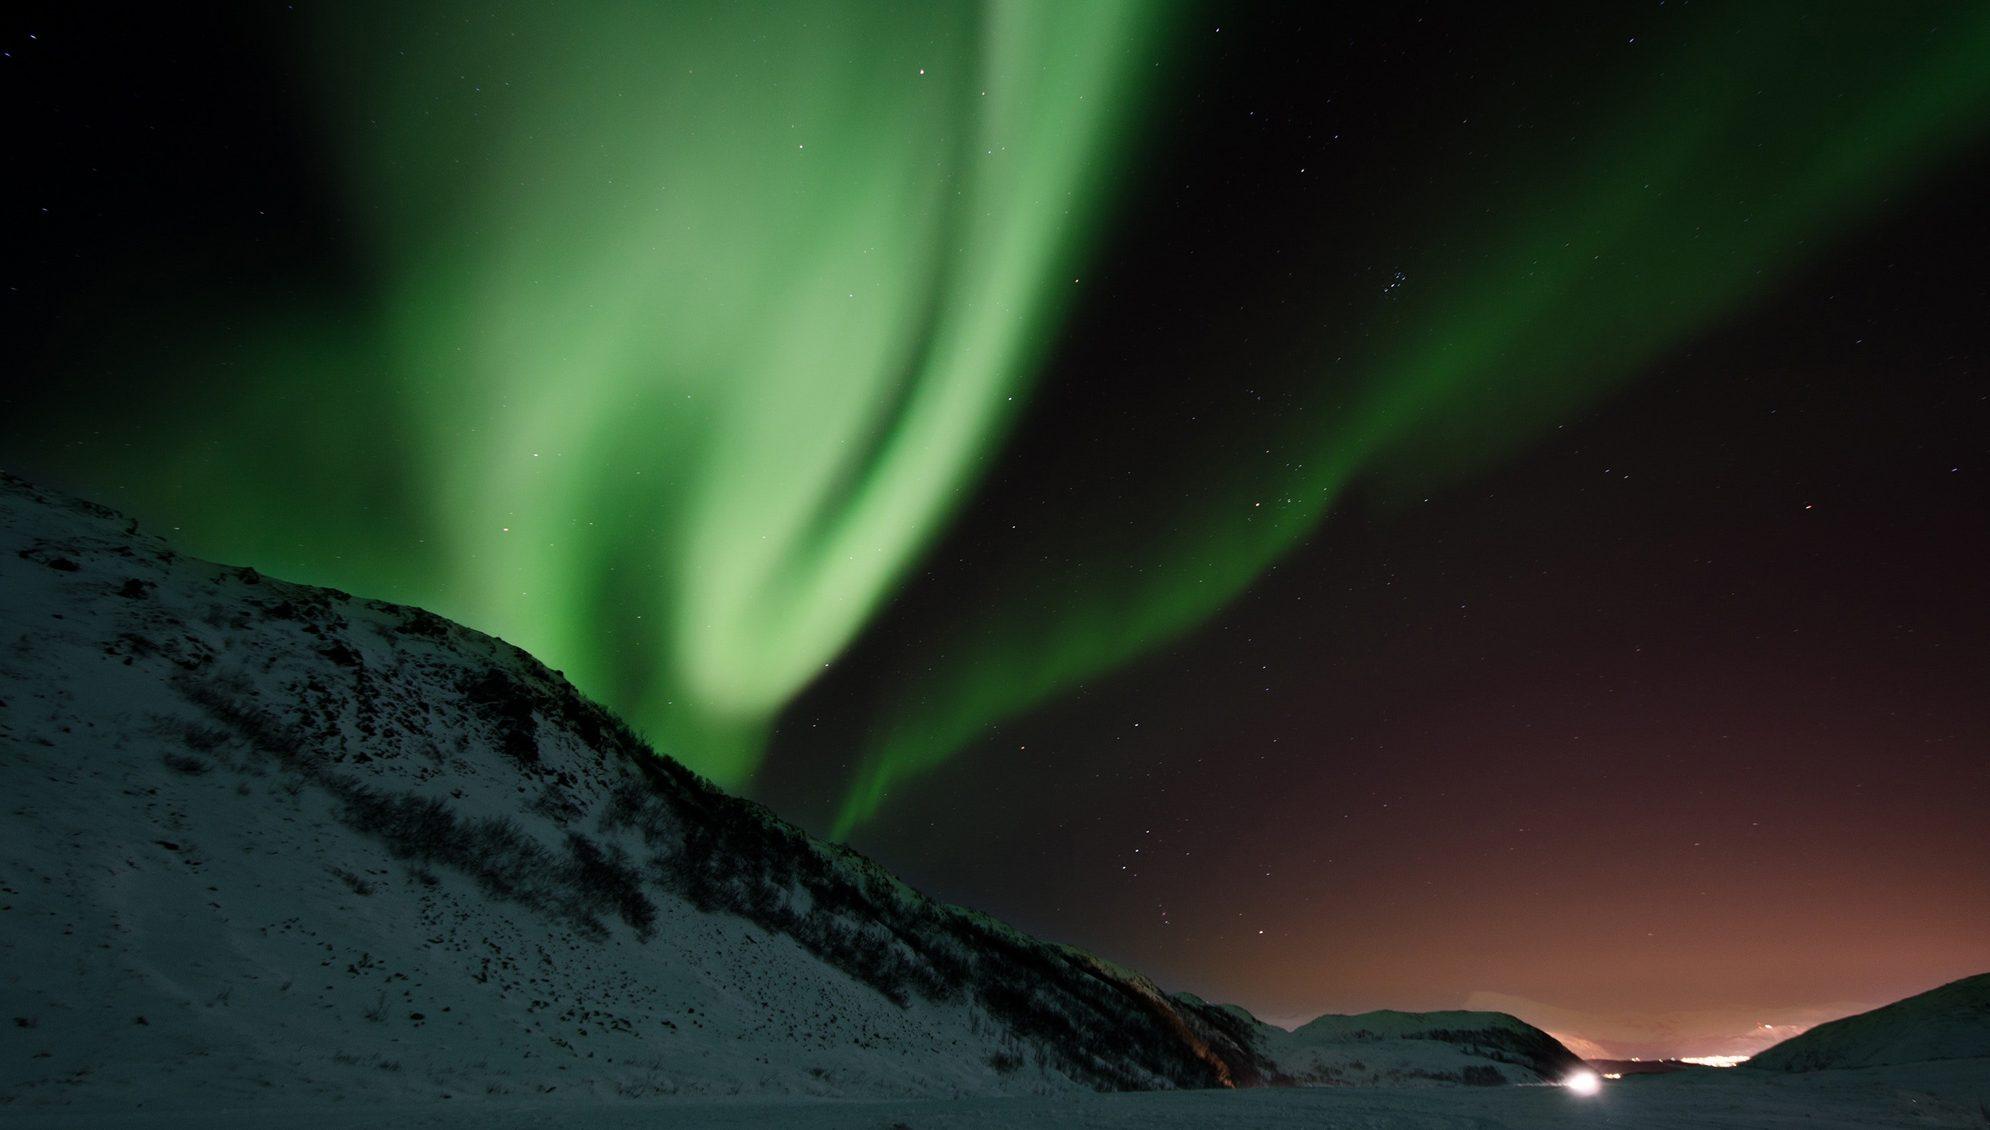 efterårsmode, efterårets boligtrend, indretning, bolig, trend, grøn, grønne farver, nordlys, mørke, farver, interiør, natur, jordfarver, jord, mørke farver